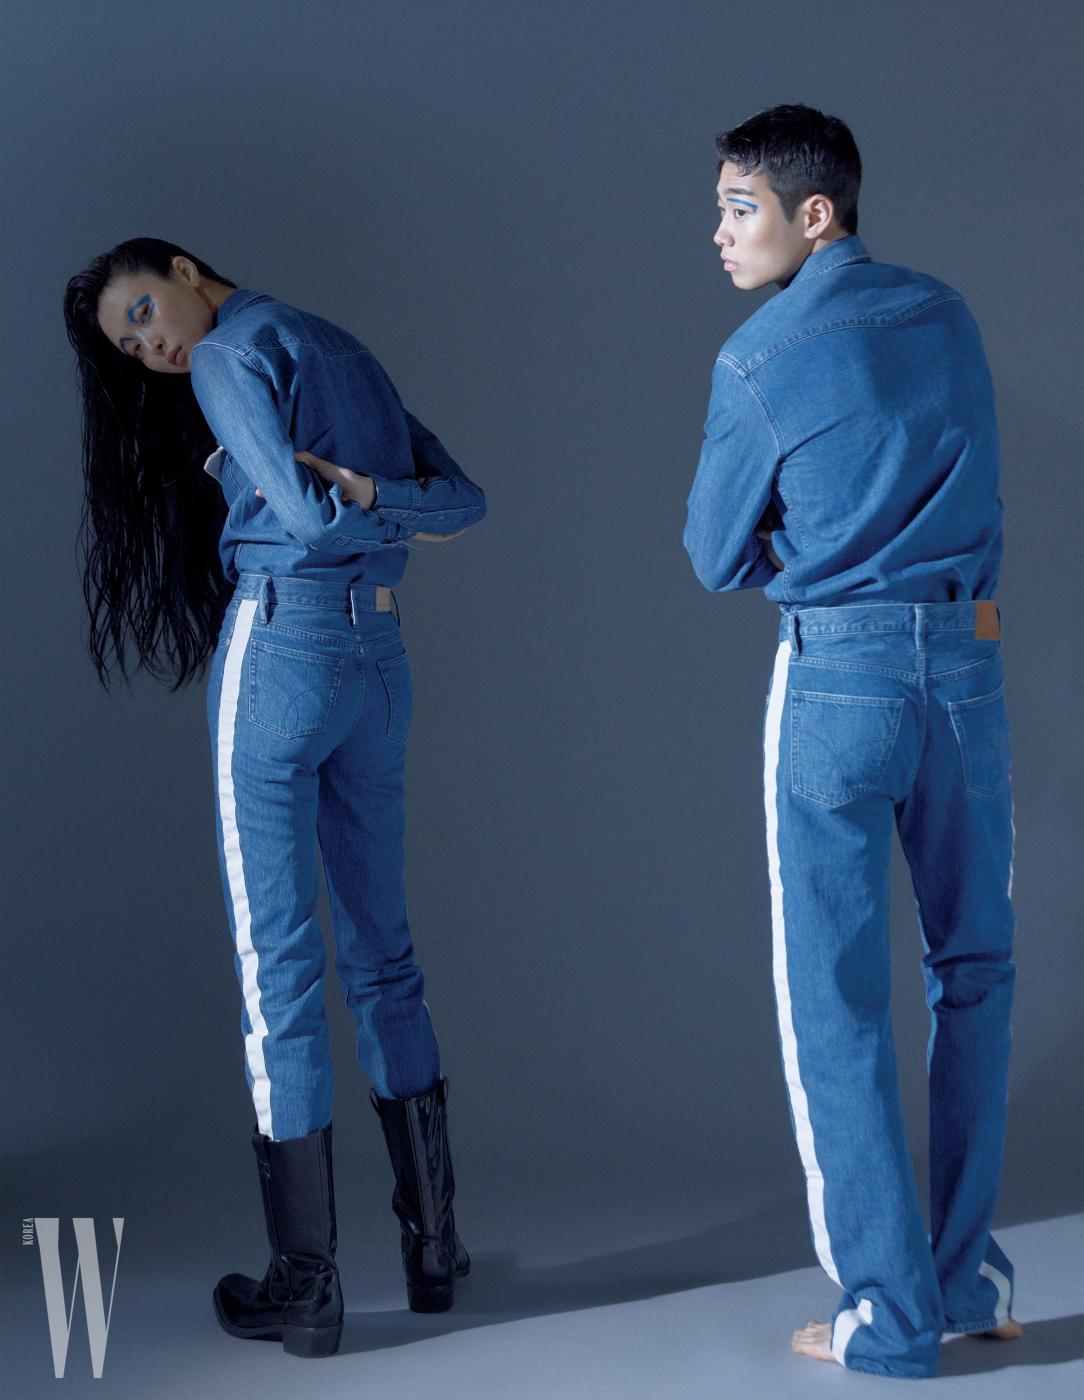 김성희가 입은 데님 셔츠, 팬츠, 부츠, 임지섭이 입은 데님 셔츠, 팬츠는 모두 Clavin Klein Jeans 제품.